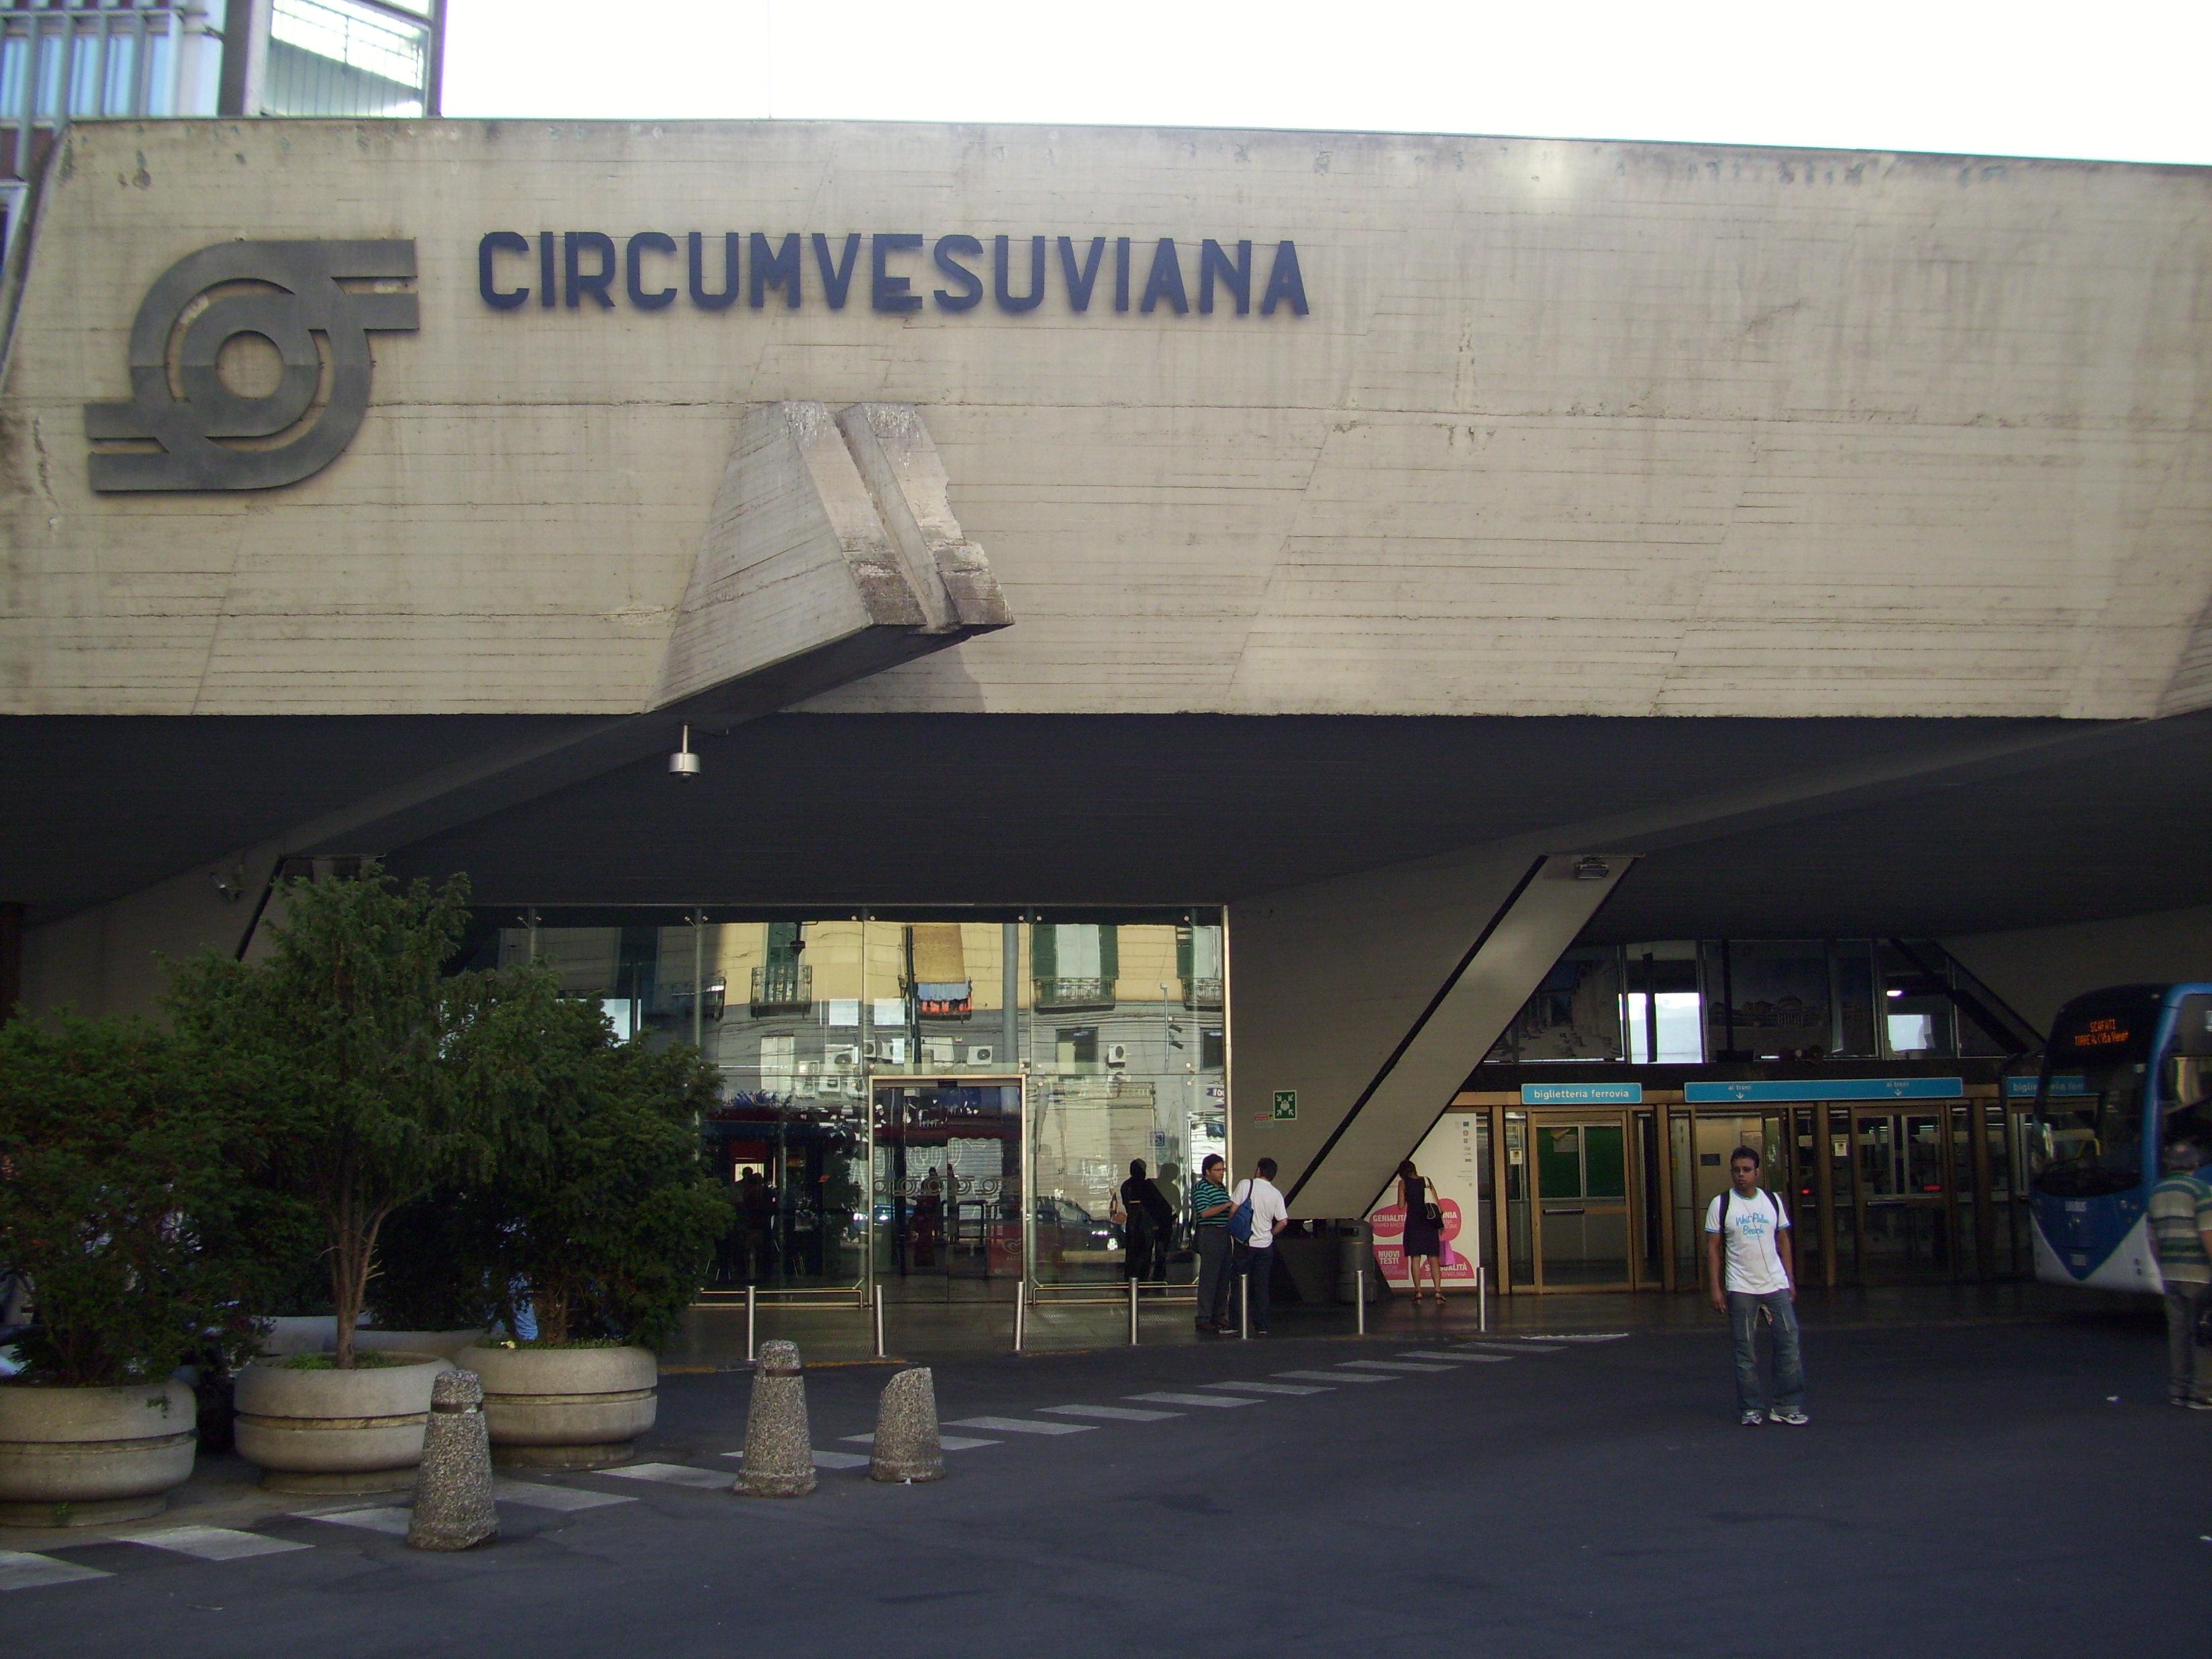 Violenza a bordo, ancora un'aggressione in Circumvesuviana